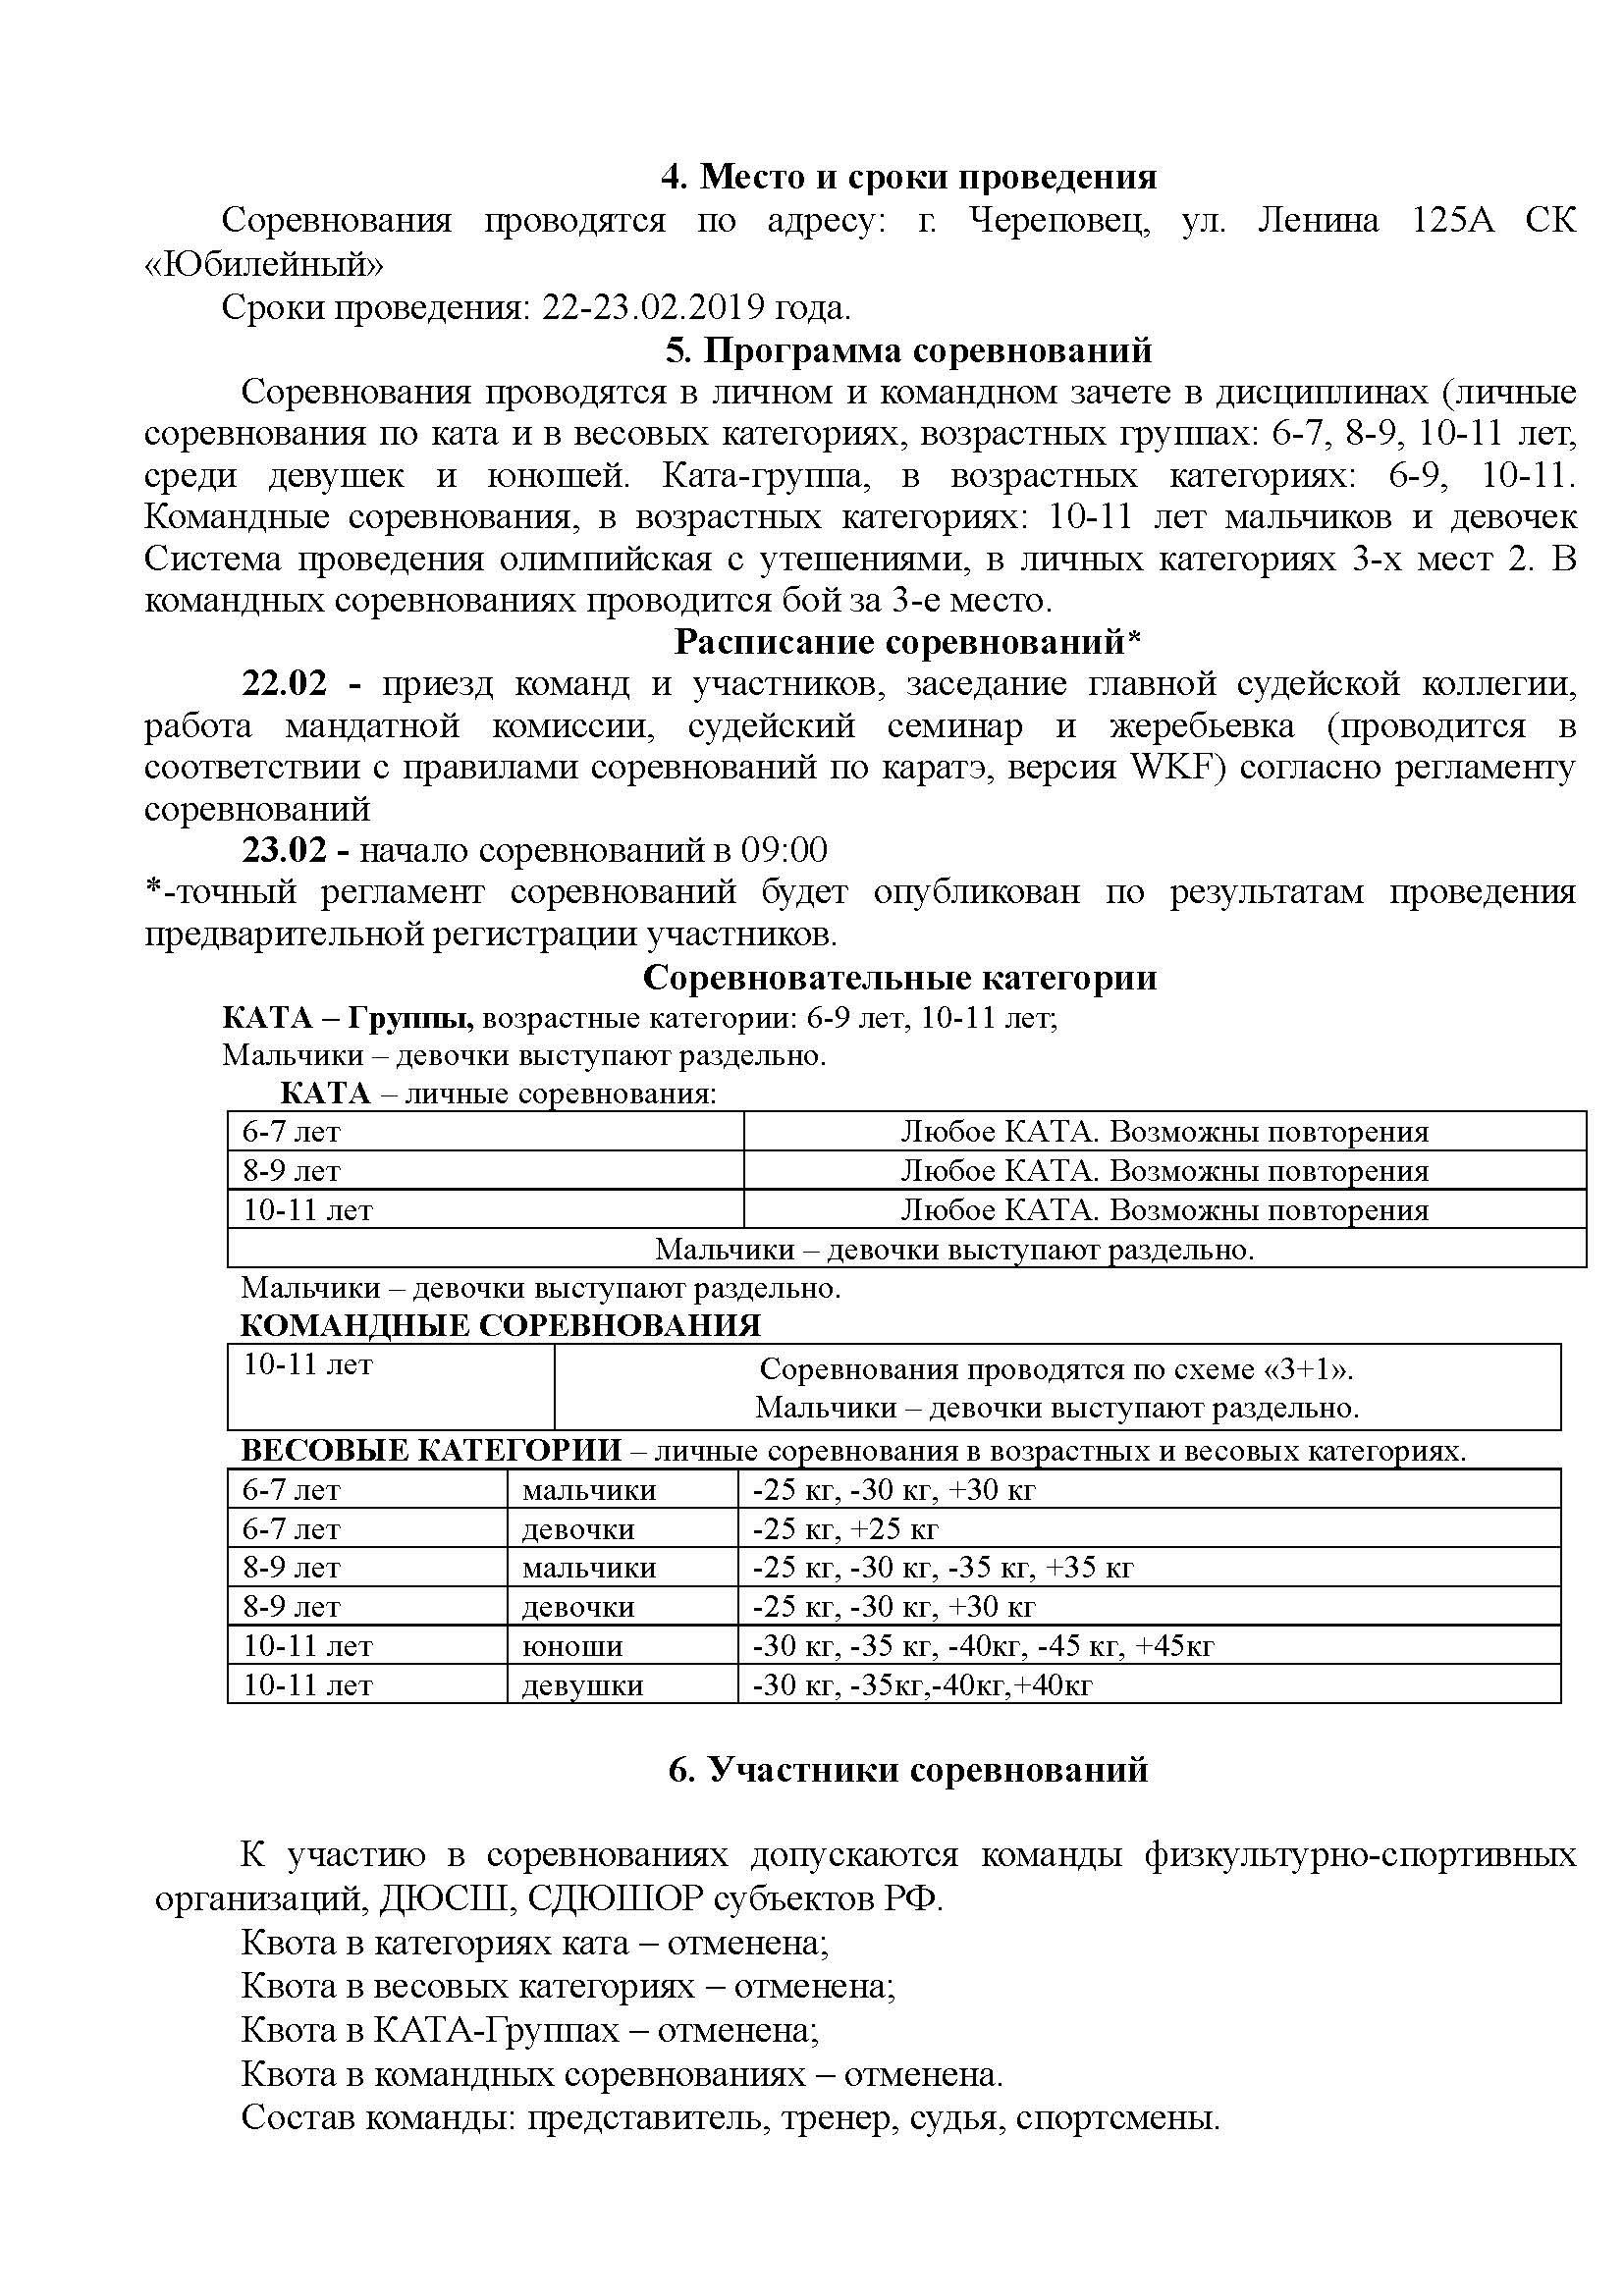 СЗФО-2019_001-Дети_Страница_3